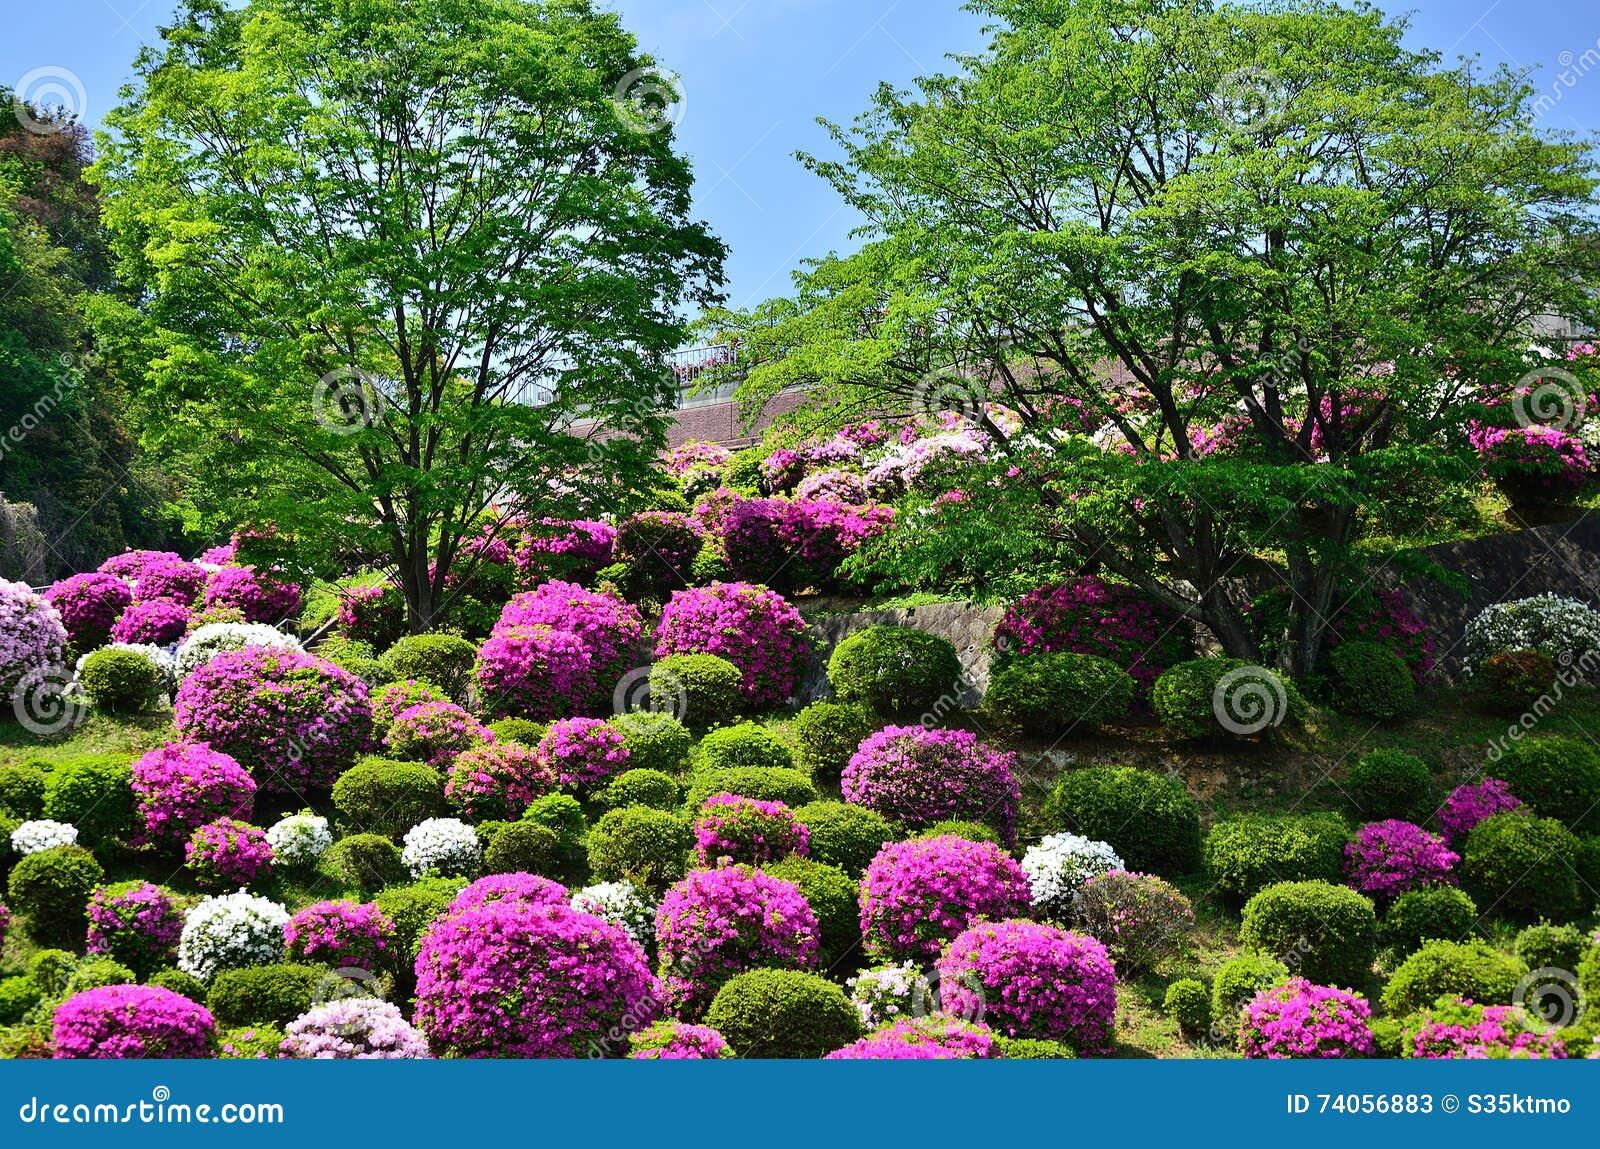 Japan Garden Flowers: Colorful Azalea Garden, Kyoto Japan Spring. Stock Image